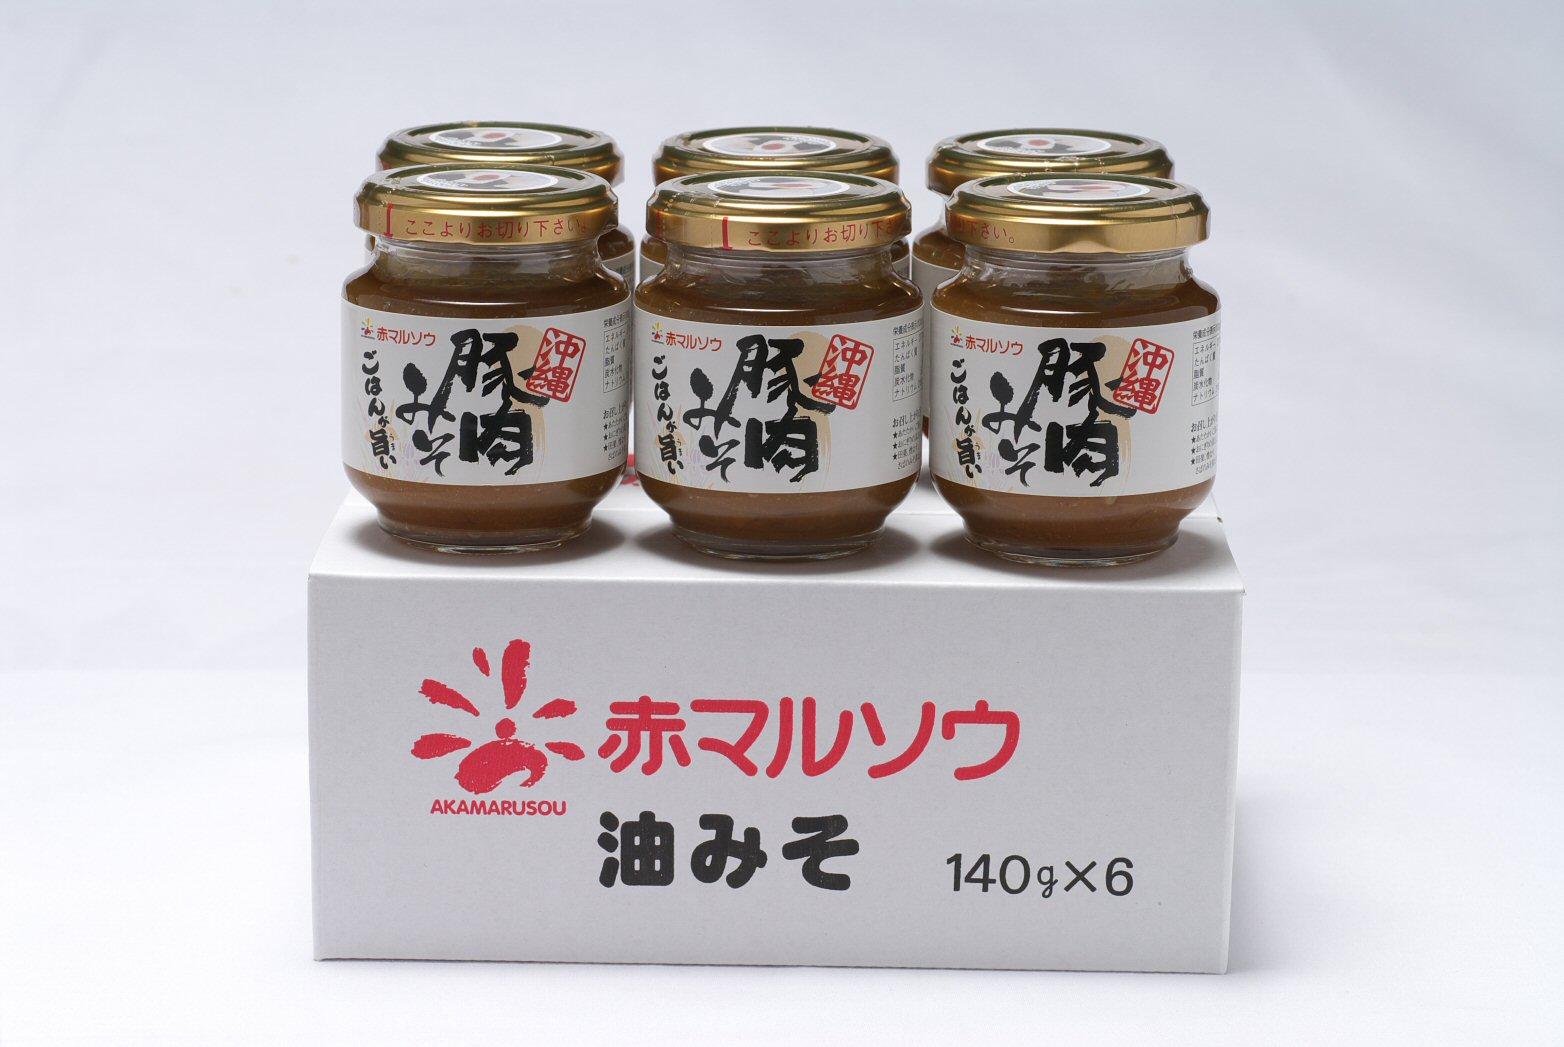 沖縄豚肉みそギフト(140g×6個)